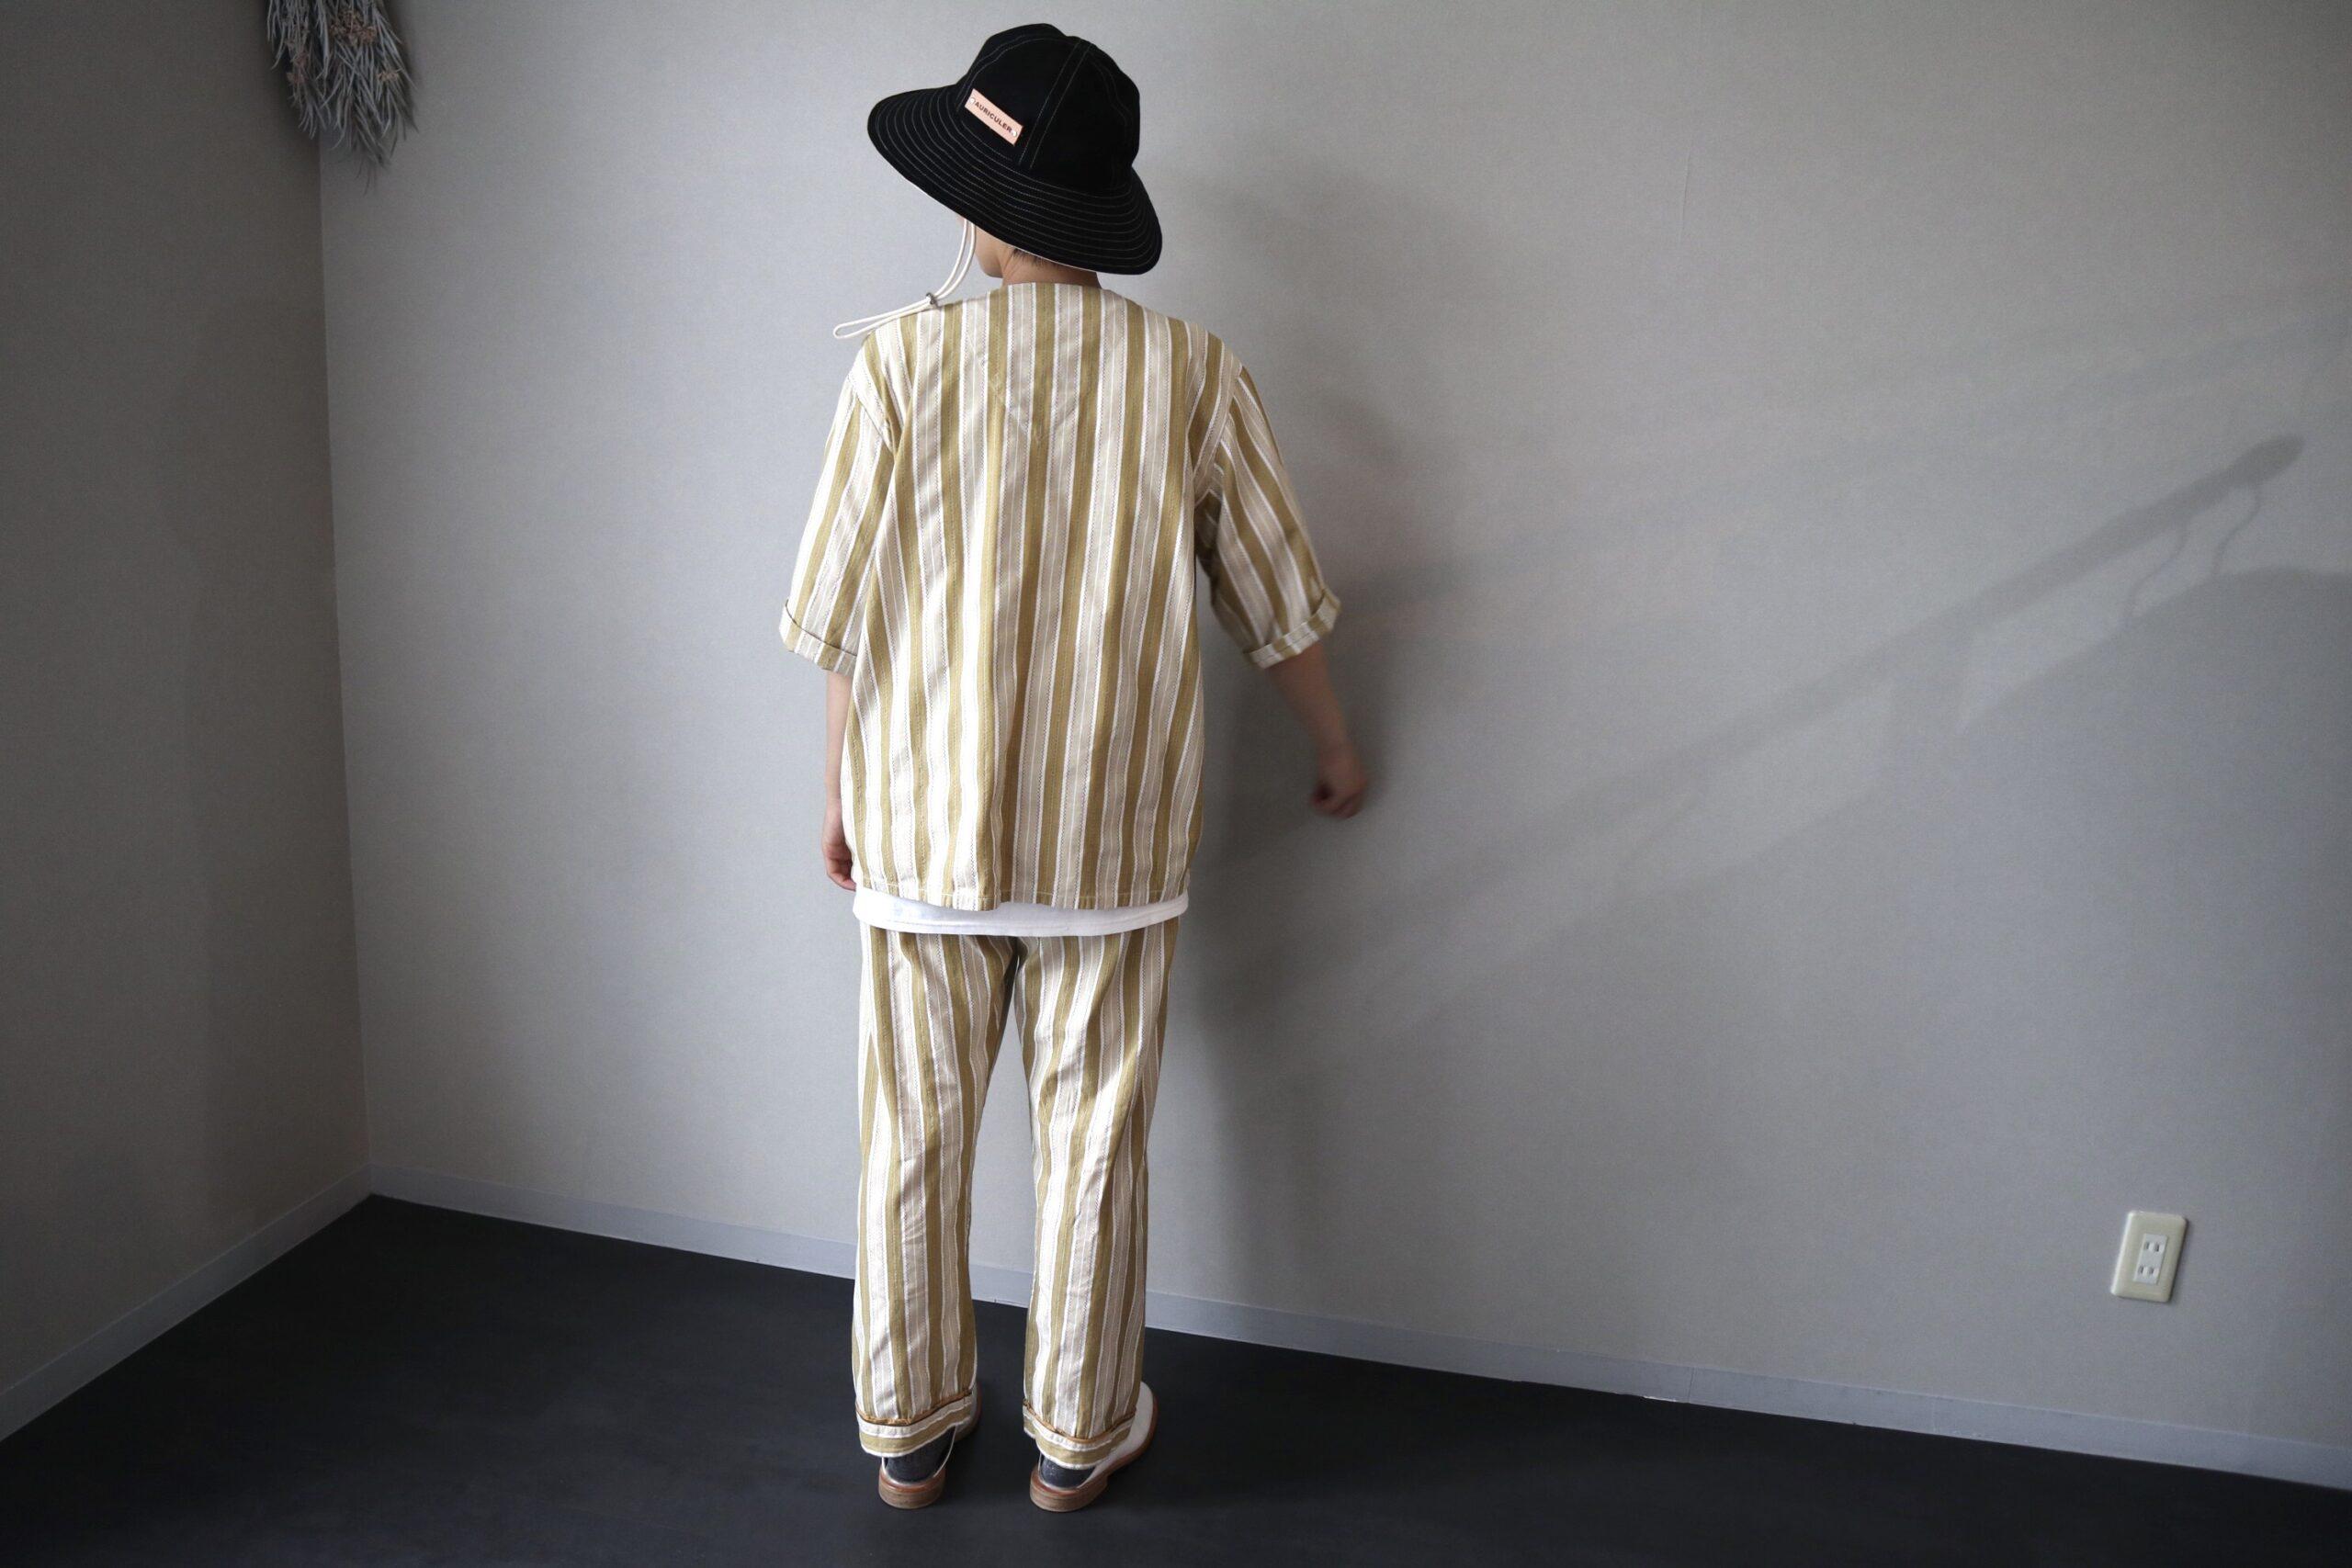 【SET UP】夏のパジャマセットアップが到着しました。